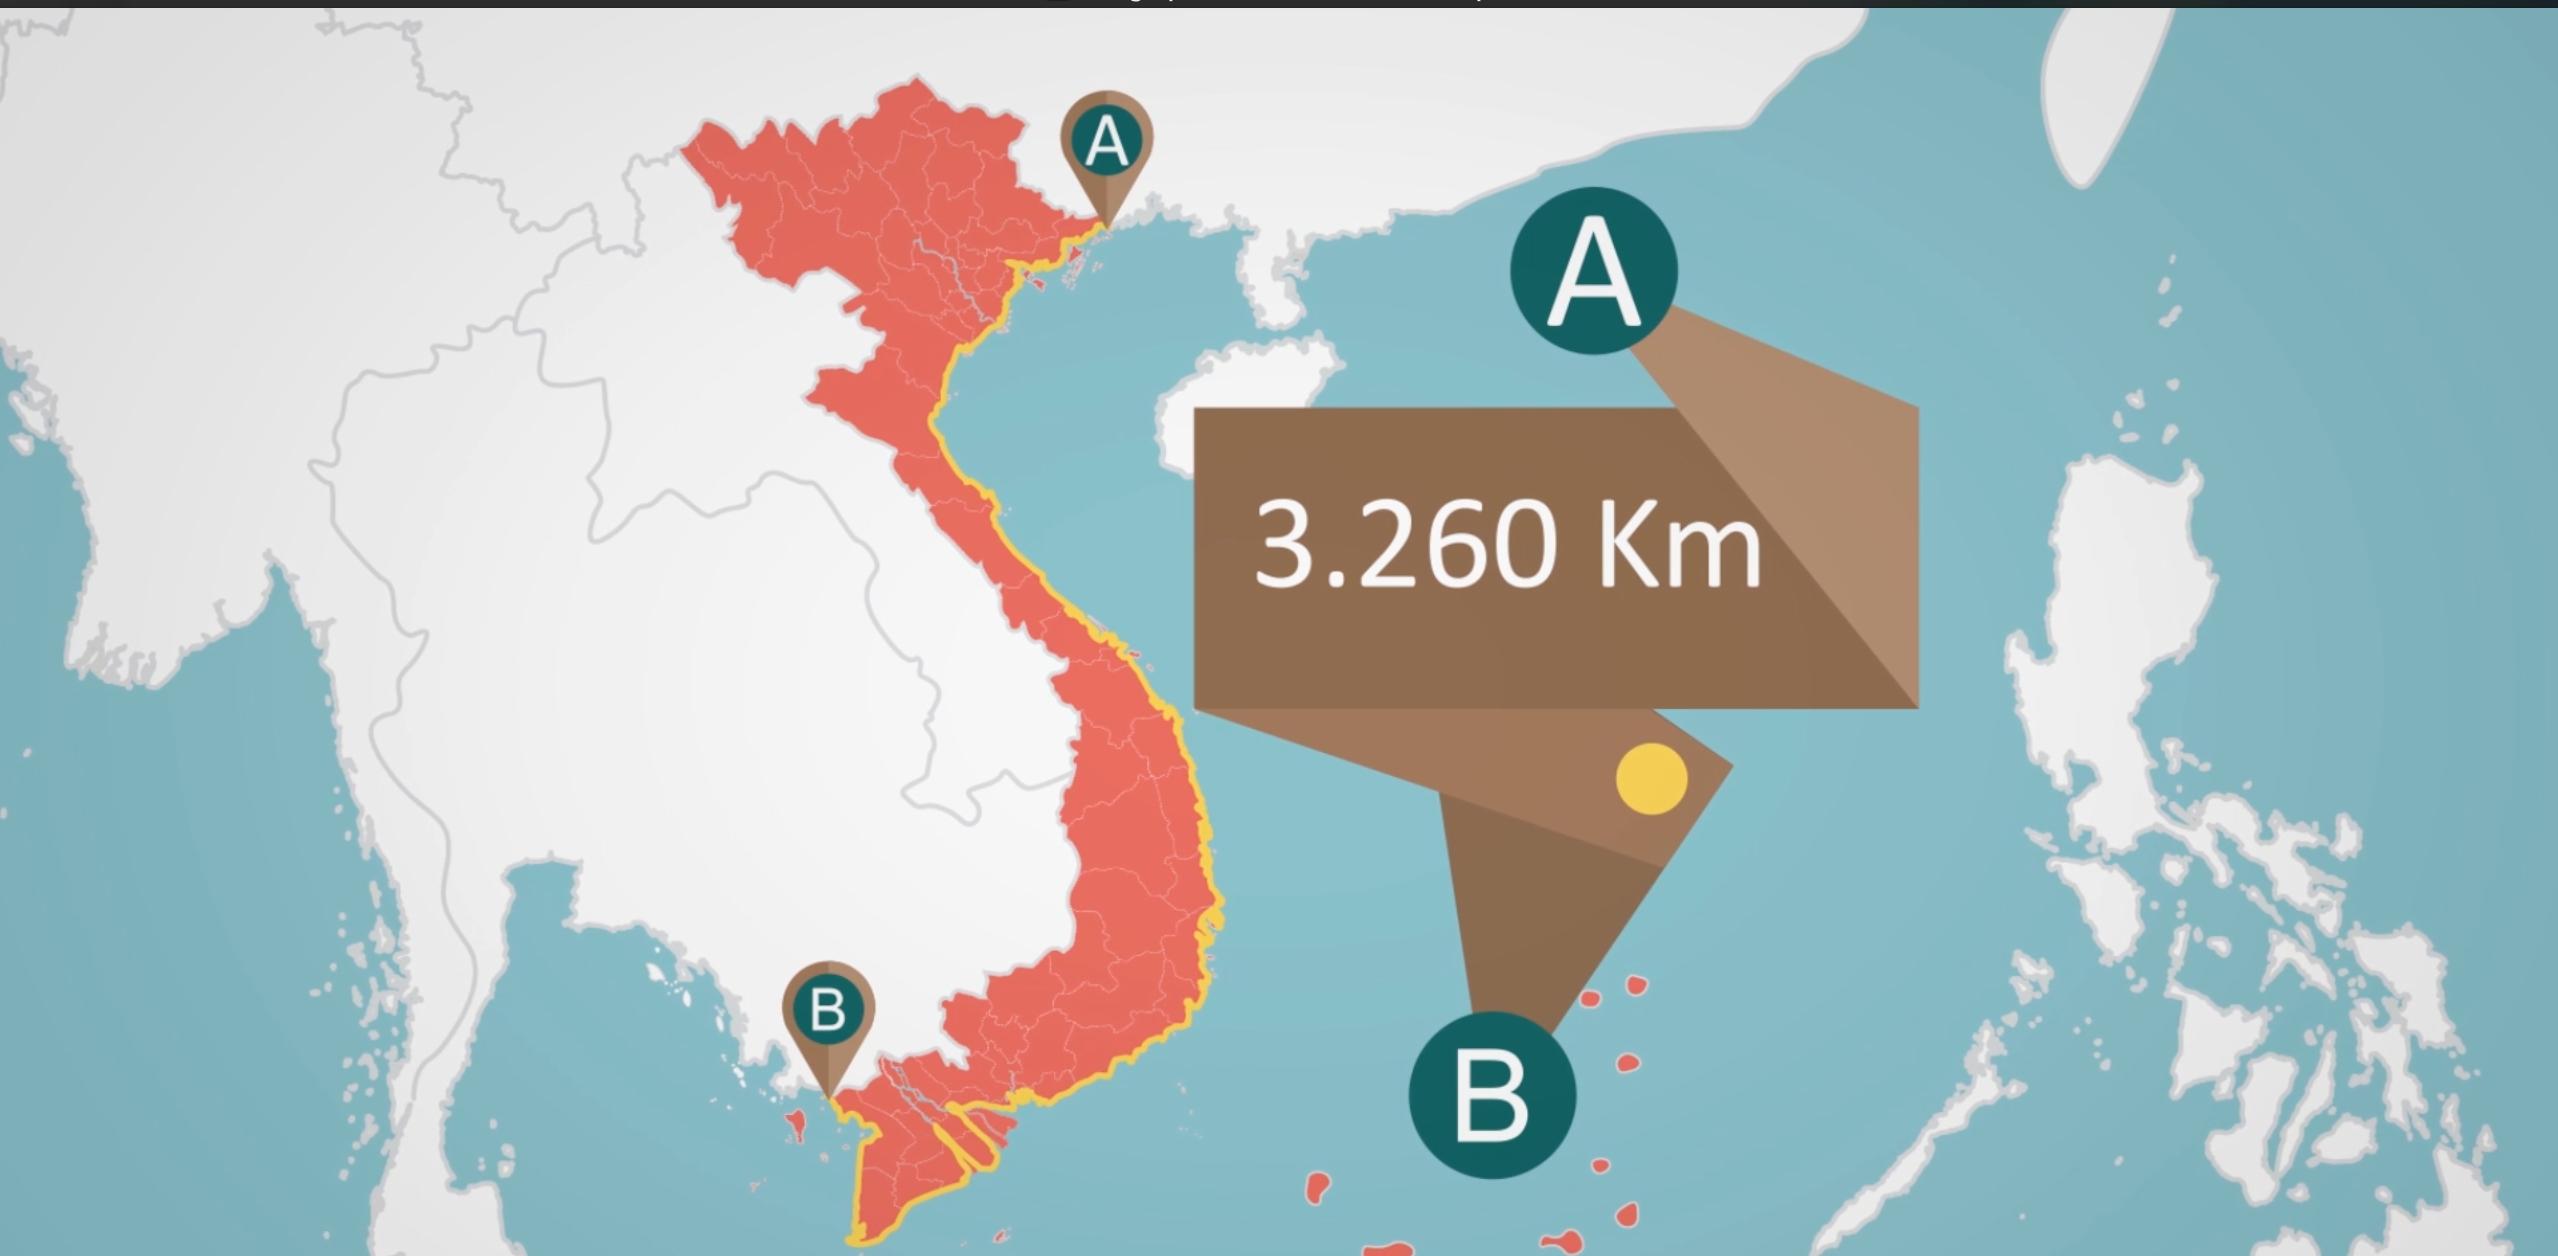 Hình ảnh lãnh hải chủ quyền Việt Nam được thể hiện chính xác cùng đồ họa sinh động